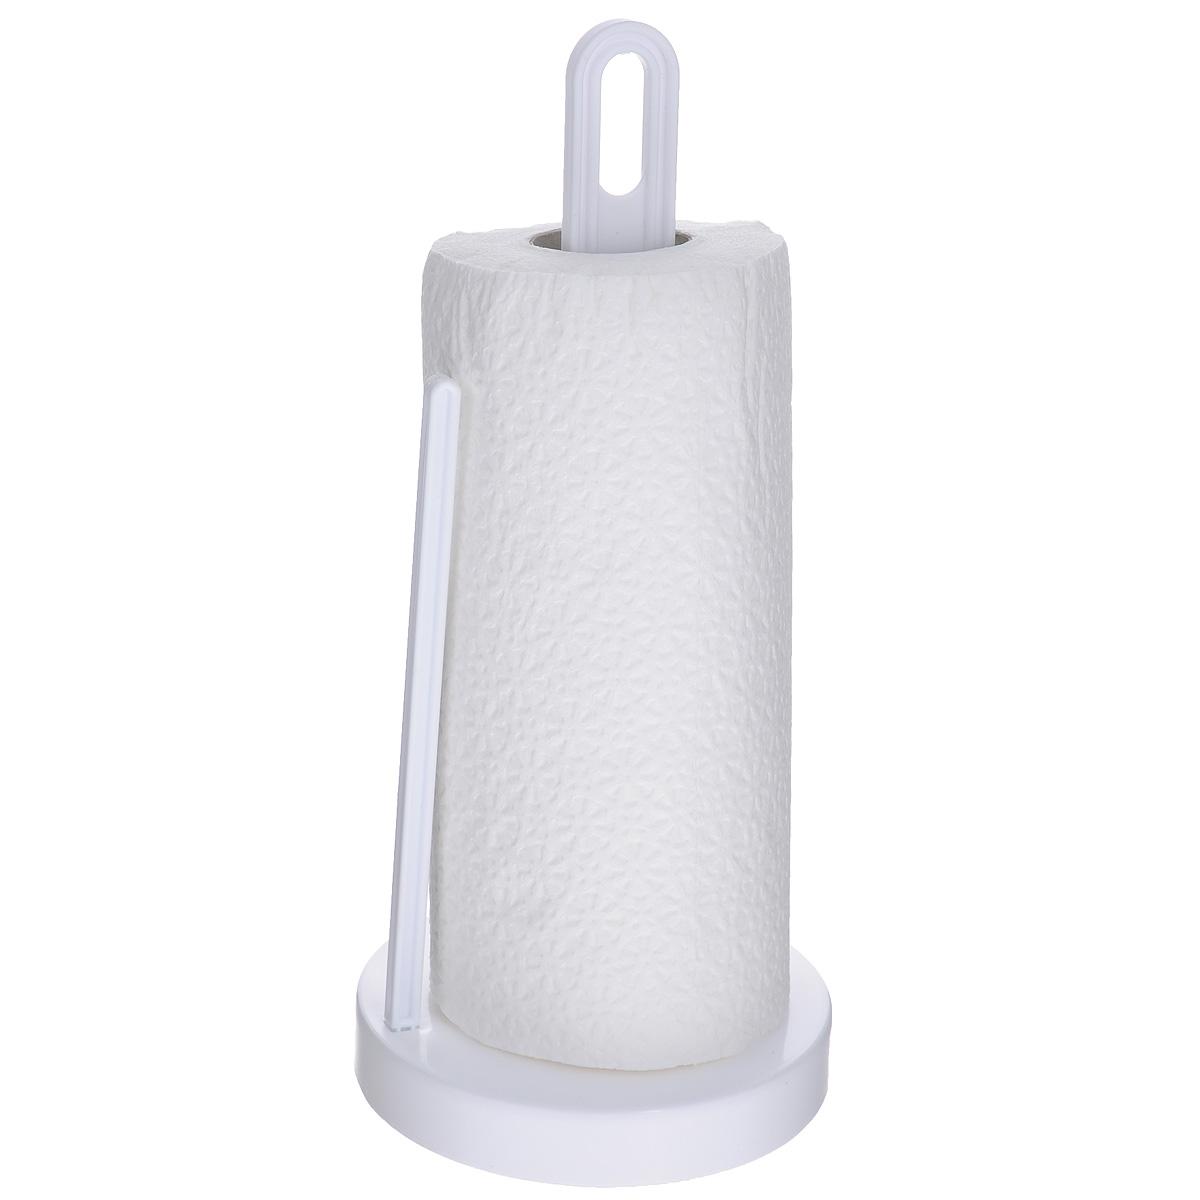 Держатель для бумажных полотенец Berossi Solo, цвет: снежно-белыйАС19301000Держатель Berossi Solo, изготовленный из высококачественного пластика, предназначен для бумажных полотенец. Изделие имеет широкое основание и оснащено зажимом, позволяющим без труда оторвать нужную длину полотенца. В комплекте - рулон бумажных полотенец.Такой держатель станет полезным аксессуаром в домашнем быту и идеально впишется в интерьер современной кухни.